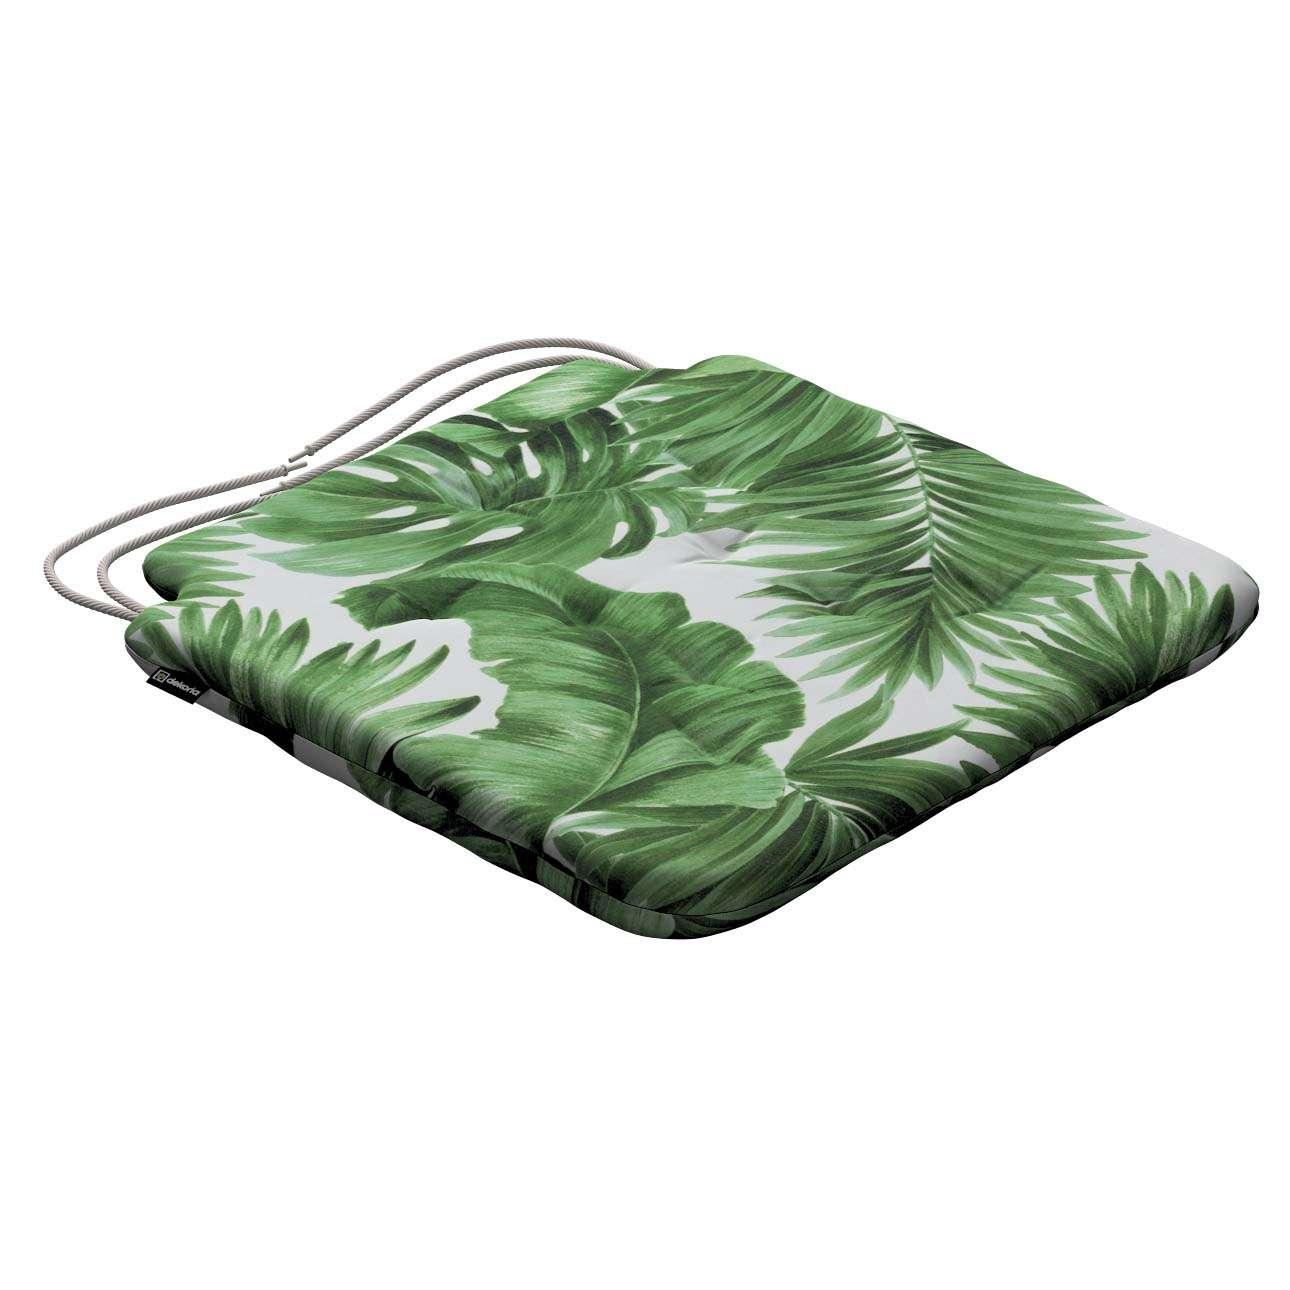 Siedzisko Olek na krzesło 42x41x3,5cm w kolekcji Urban Jungle, tkanina: 141-71